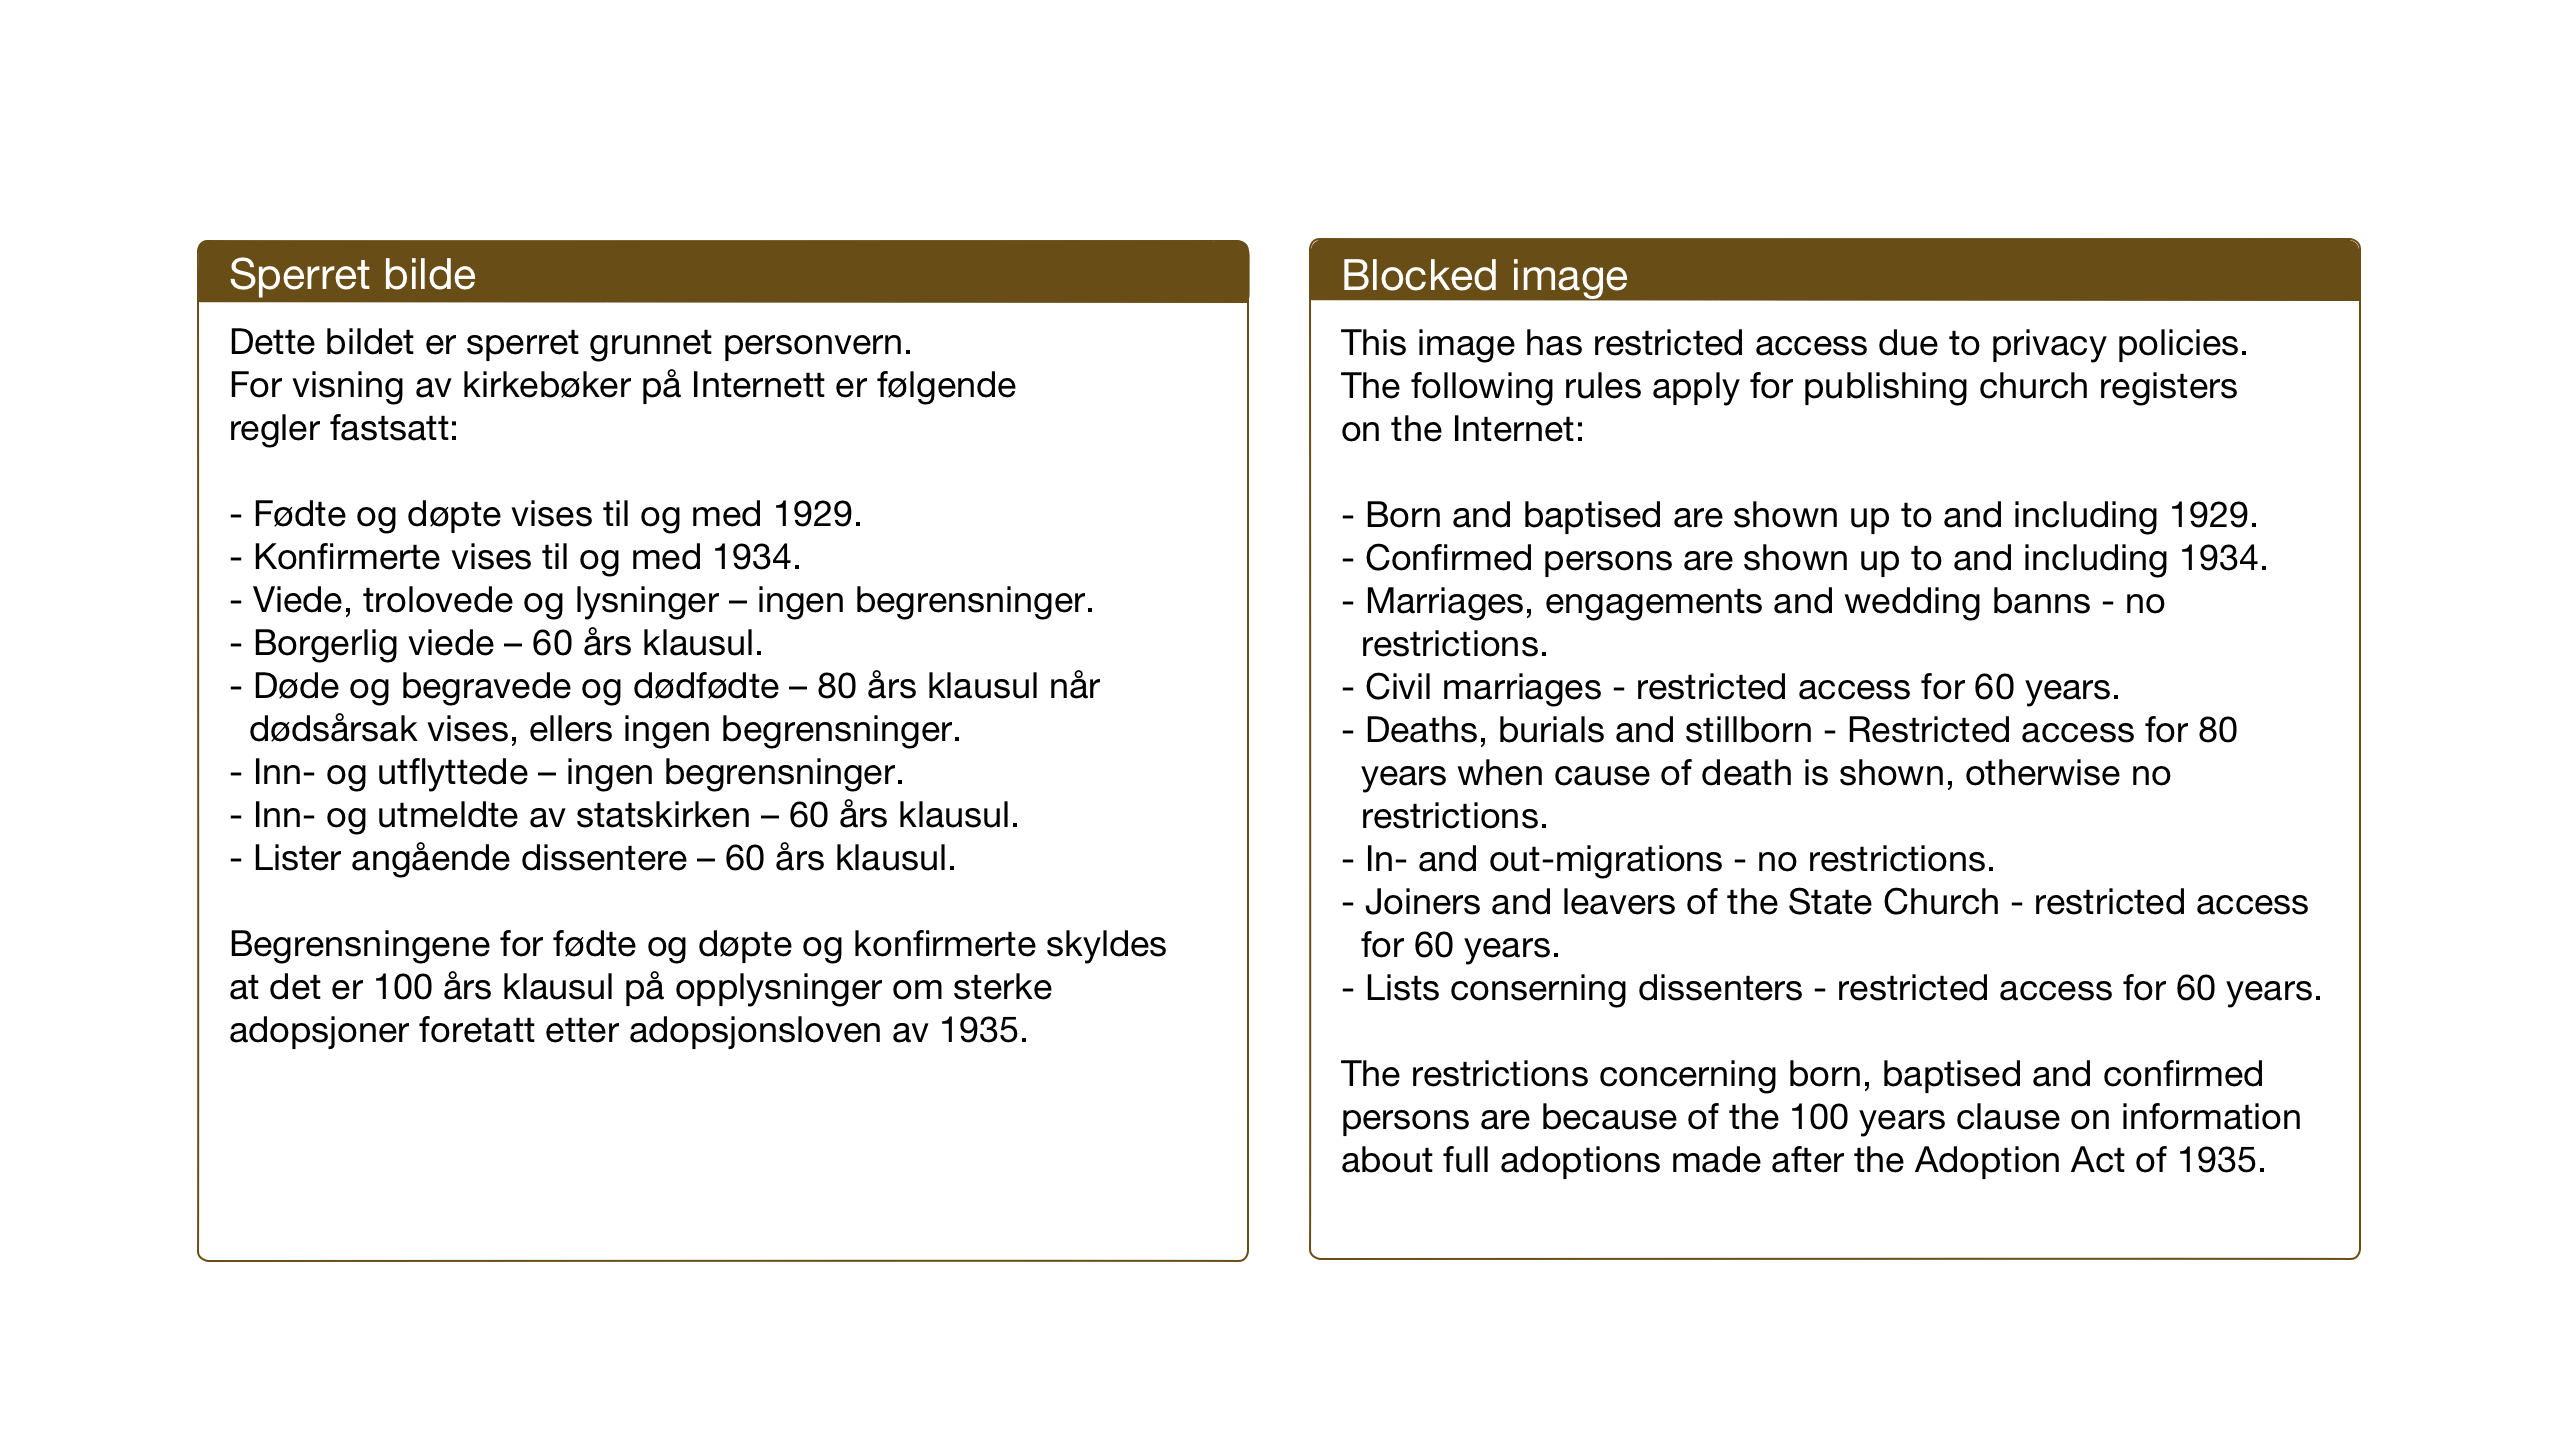 SAT, Ministerialprotokoller, klokkerbøker og fødselsregistre - Sør-Trøndelag, 637/L0564: Klokkerbok nr. 637C05, 1928-1968, s. 50